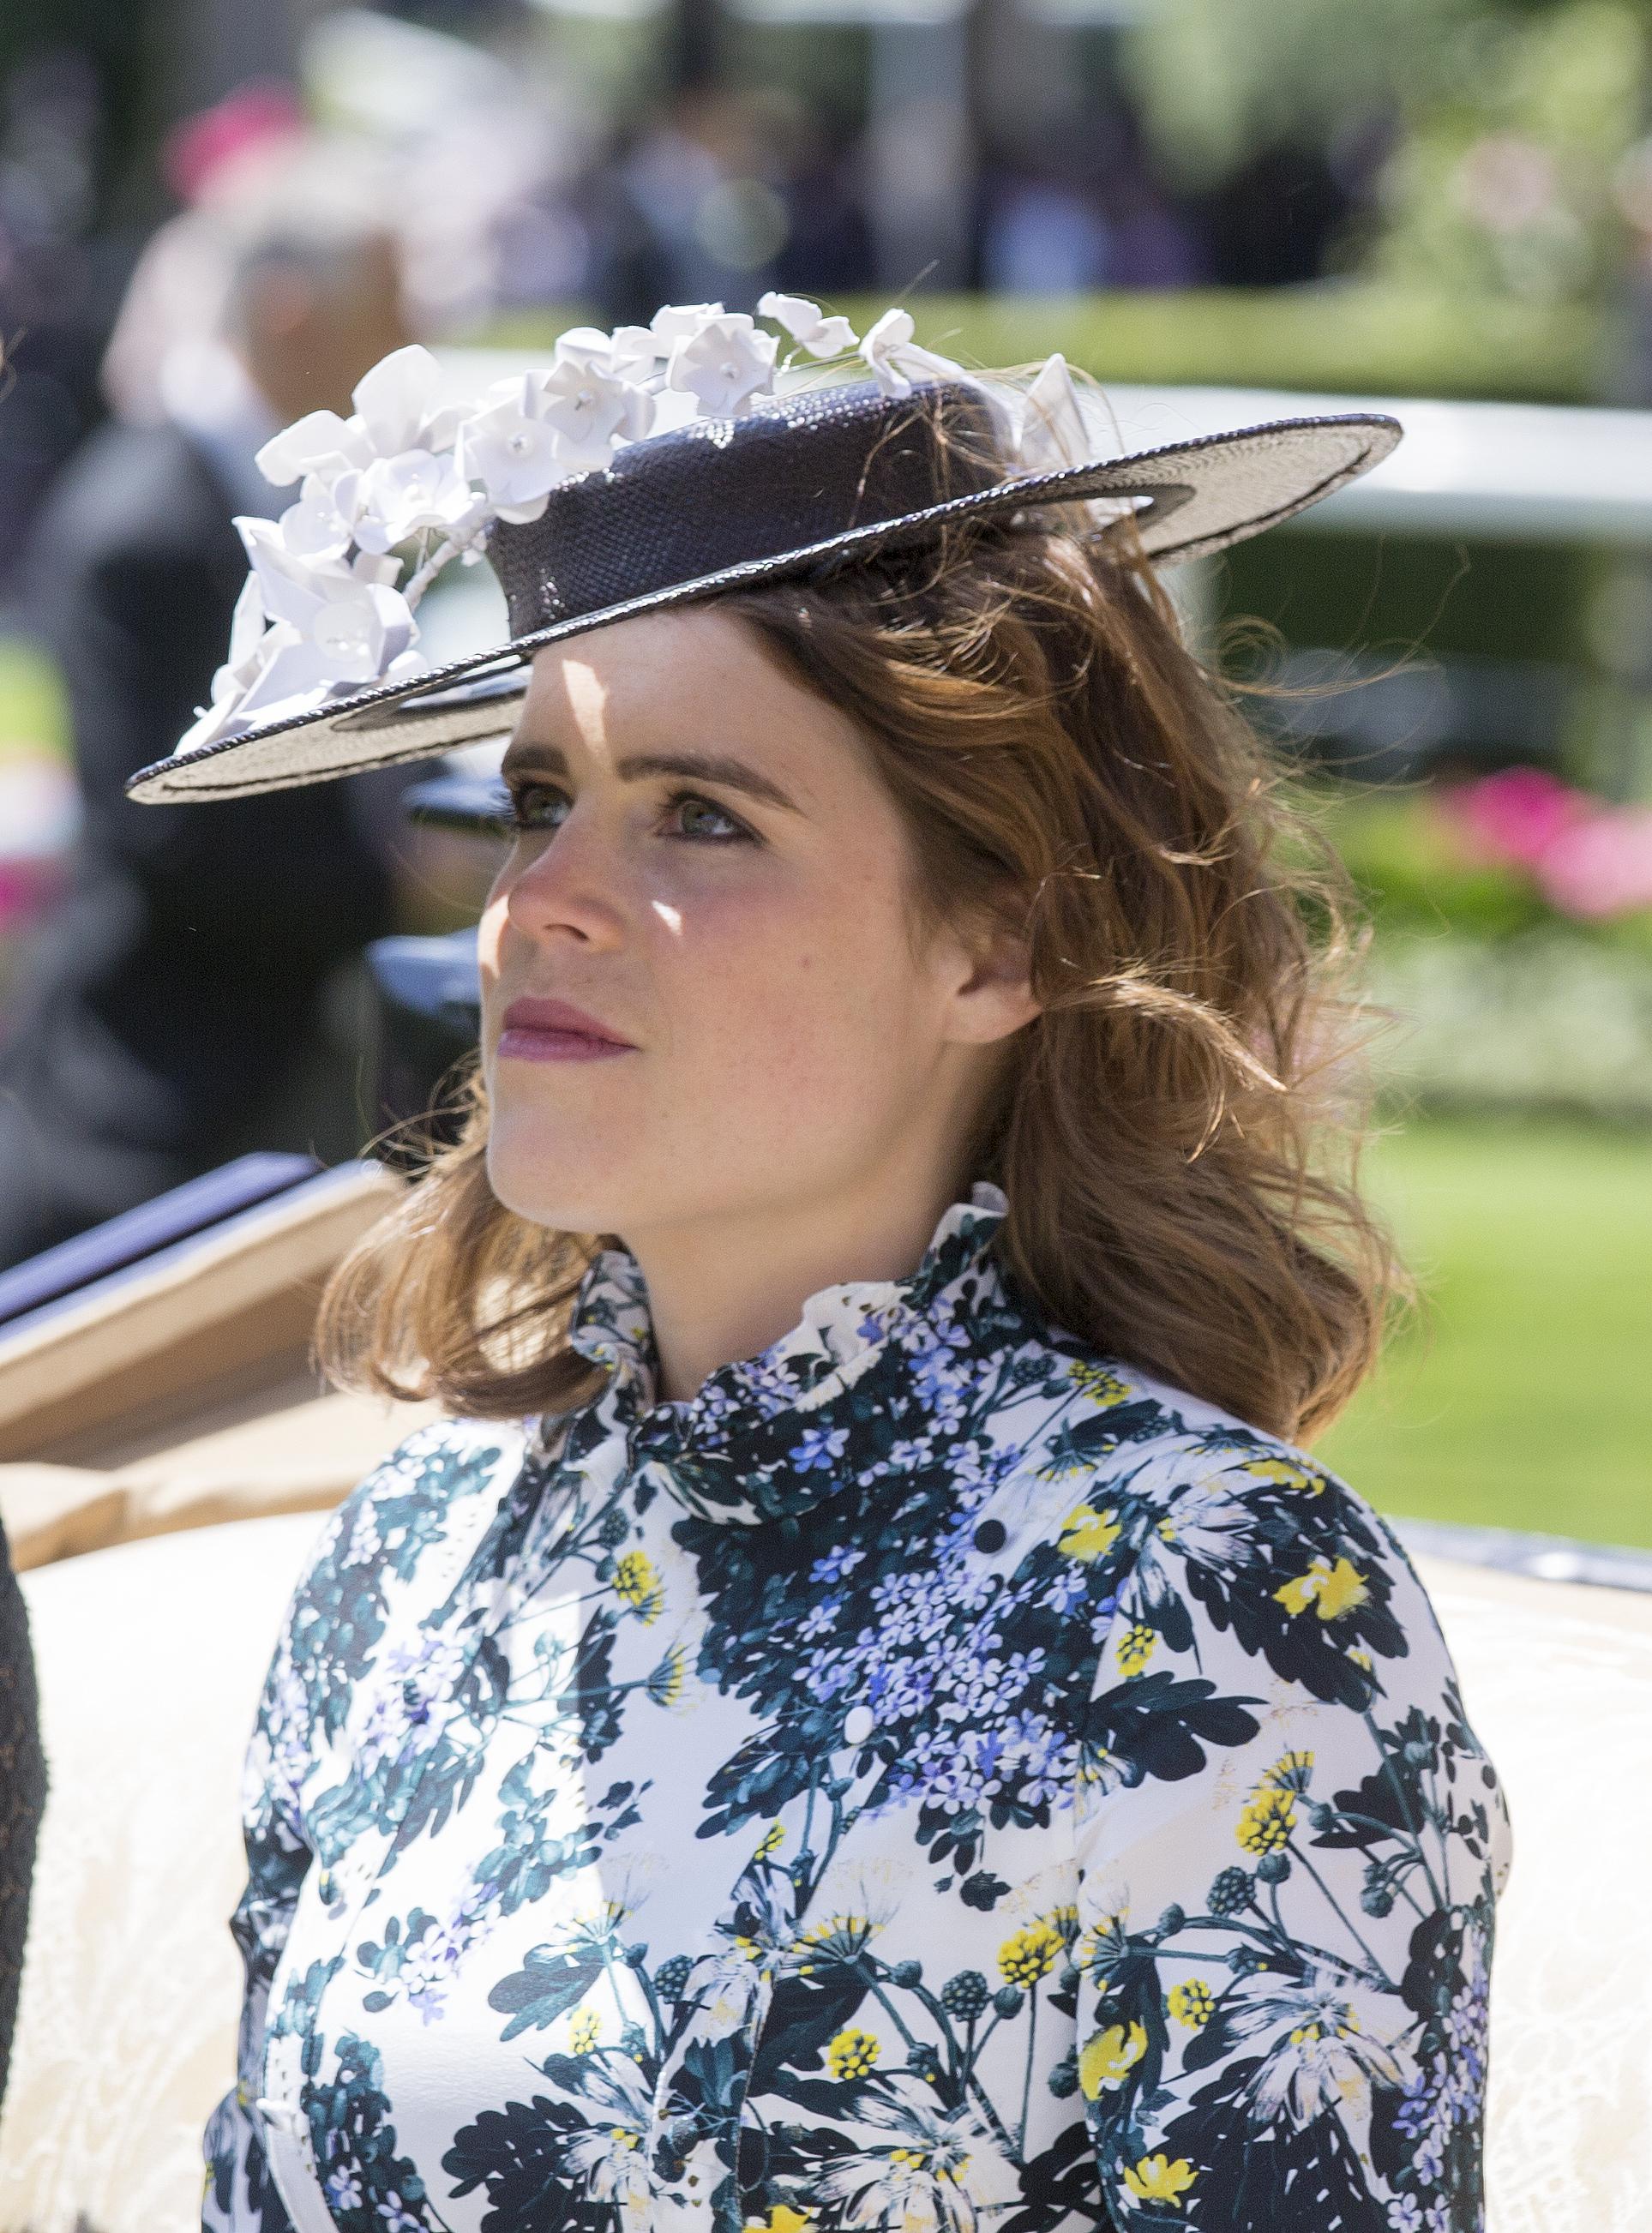 Πριγκίπισσα Ευγενία: ο λόγος που δεν φόρεσε πέπλο στο γάμο της! | tlife.gr